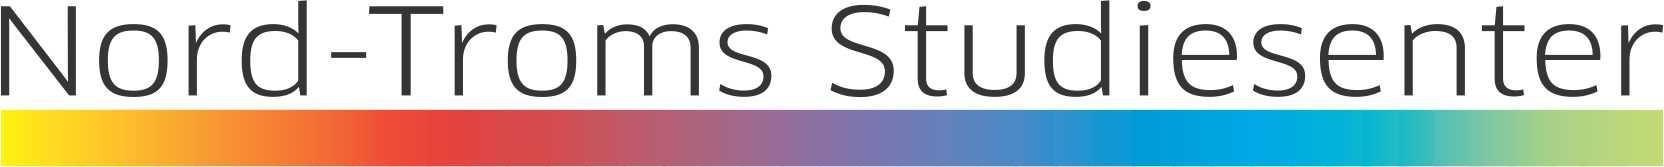 NTS-logo-1linje_RGB-JPG.jpg